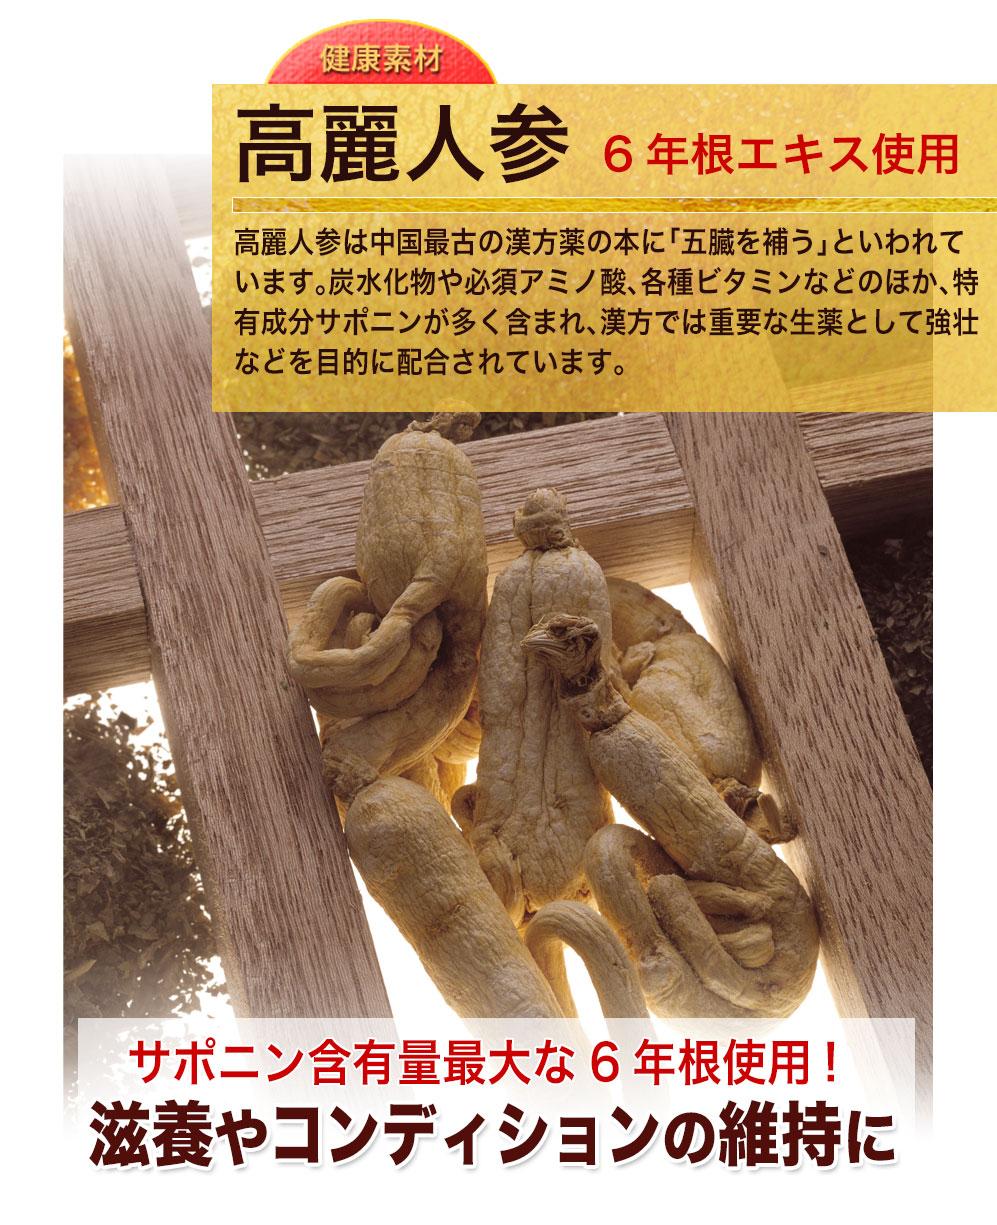 高麗人参 6年根エキス使用 中国最古の漢方薬の本に「五臓を補う」と書かれているように、高麗人参は肝・心・肺・腎・脾に作用。